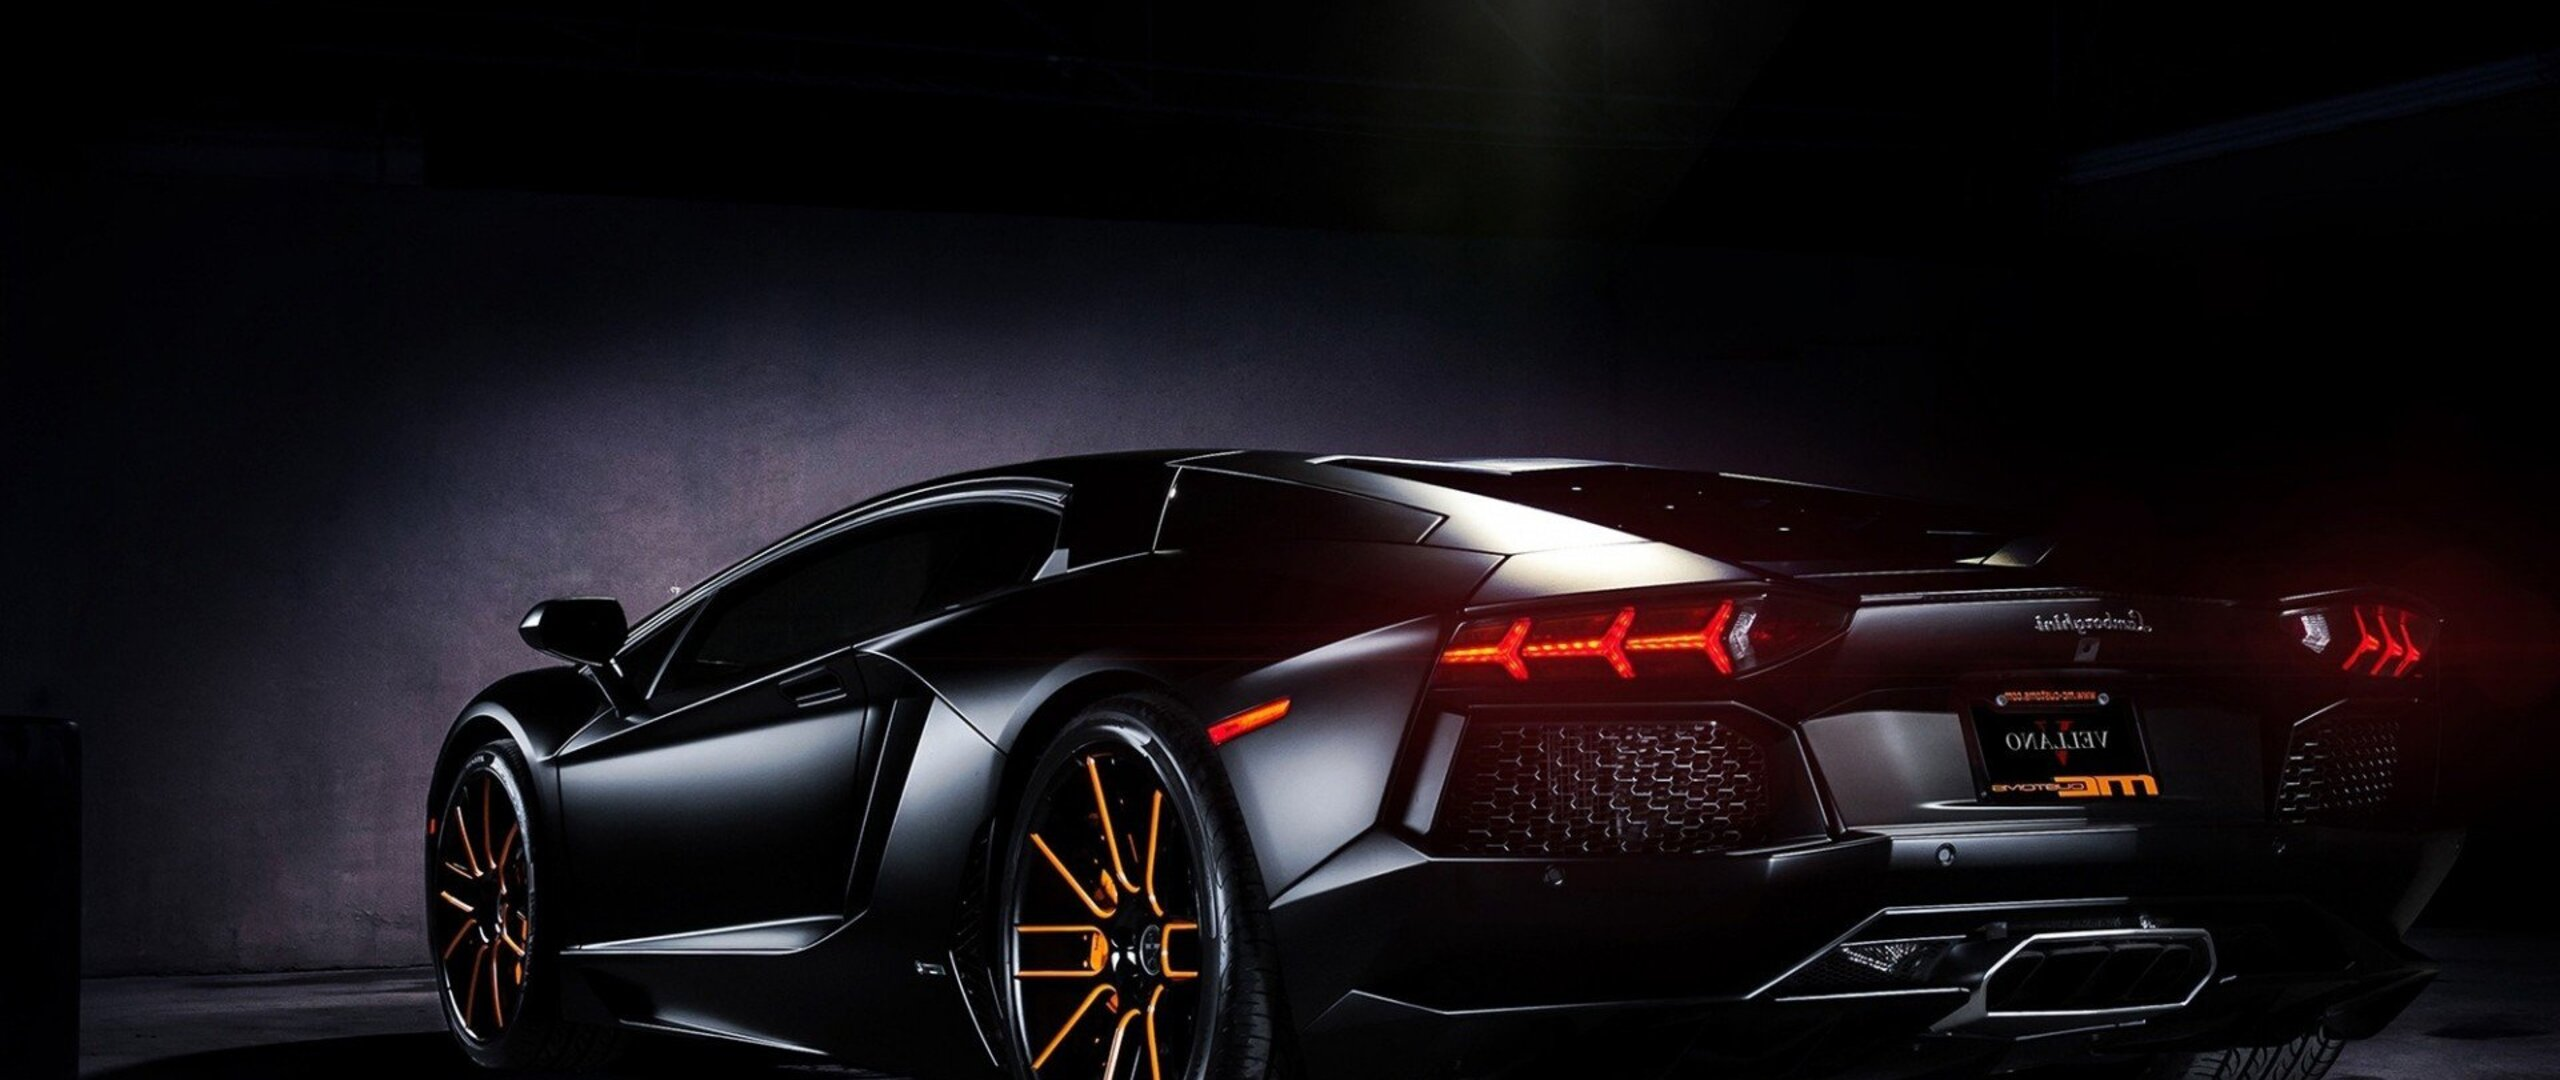 2560x1080 Lamborghini Black 2560x1080 Resolution HD 4k ...